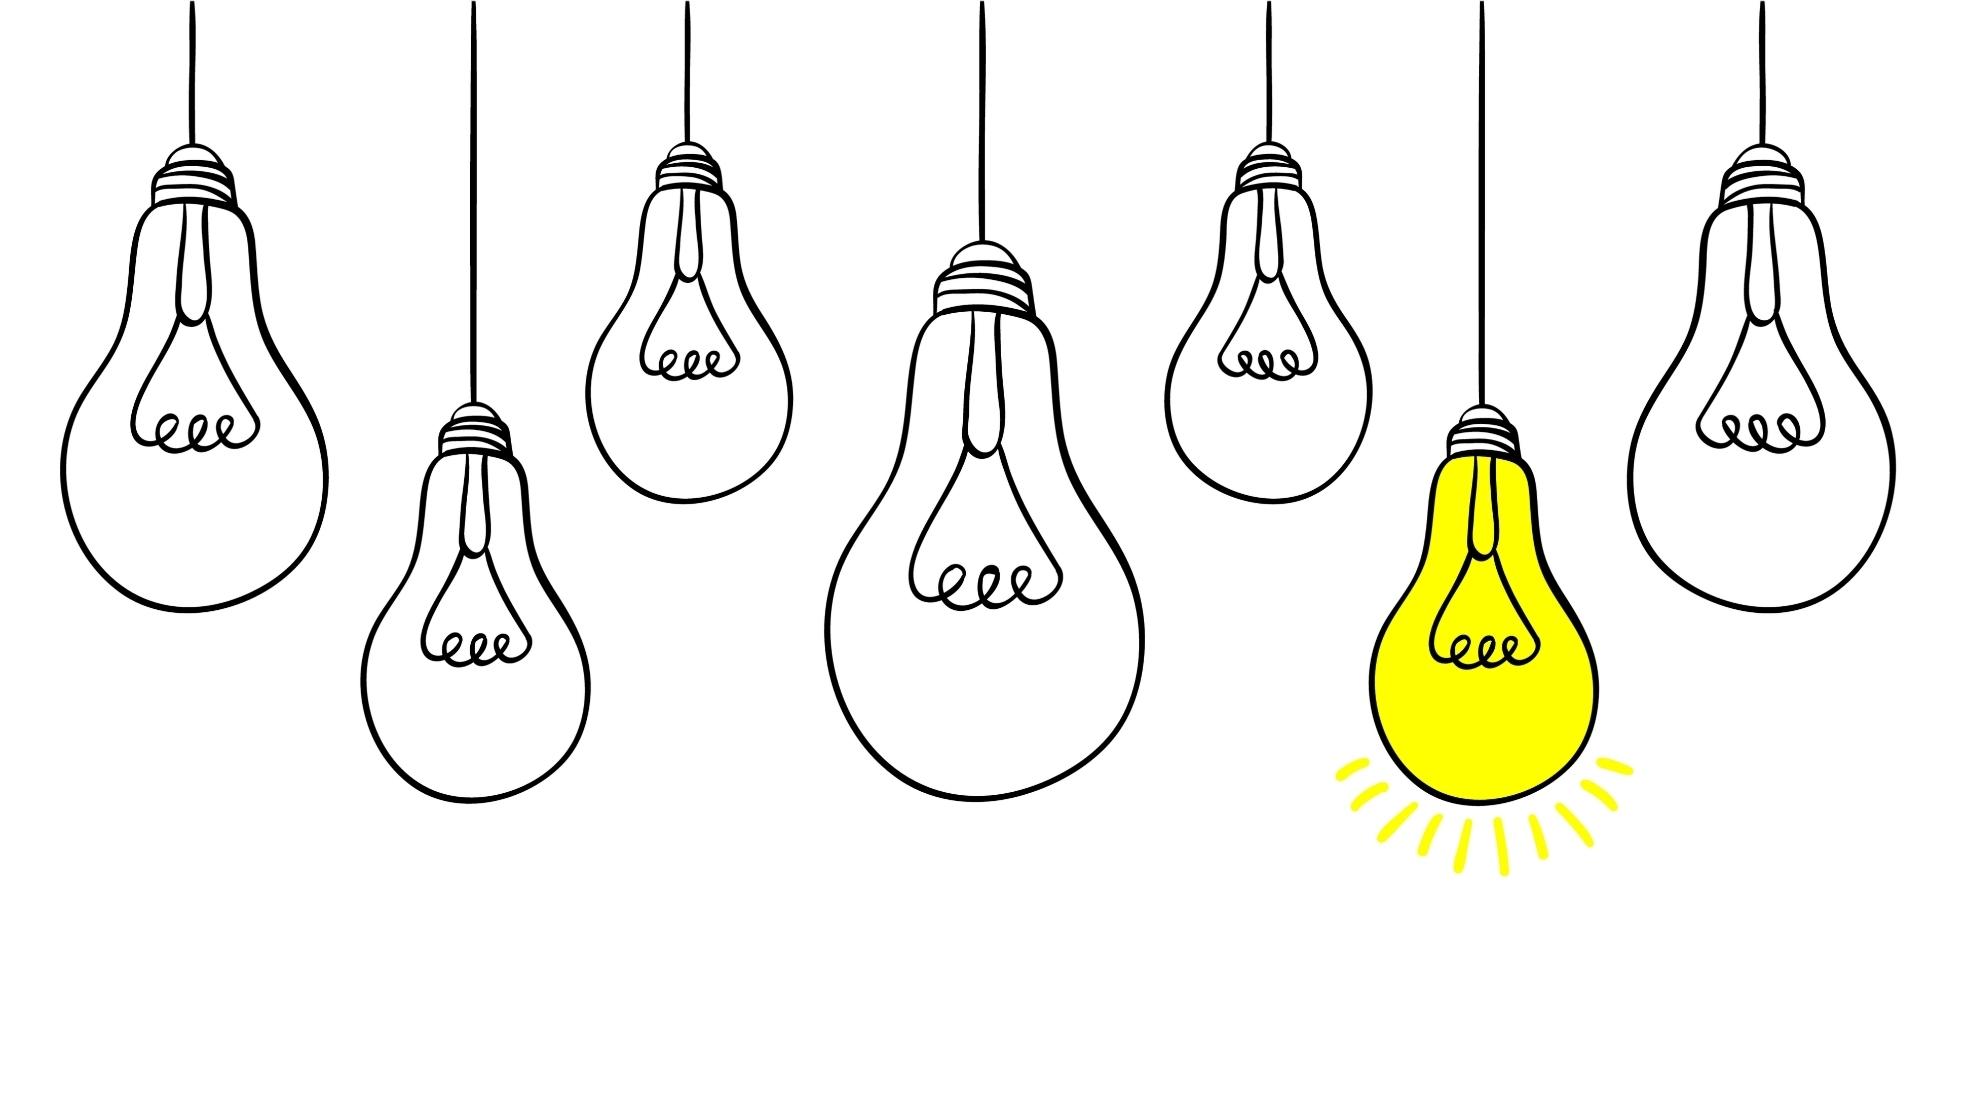 Innovatie gloeilampen duurzaam